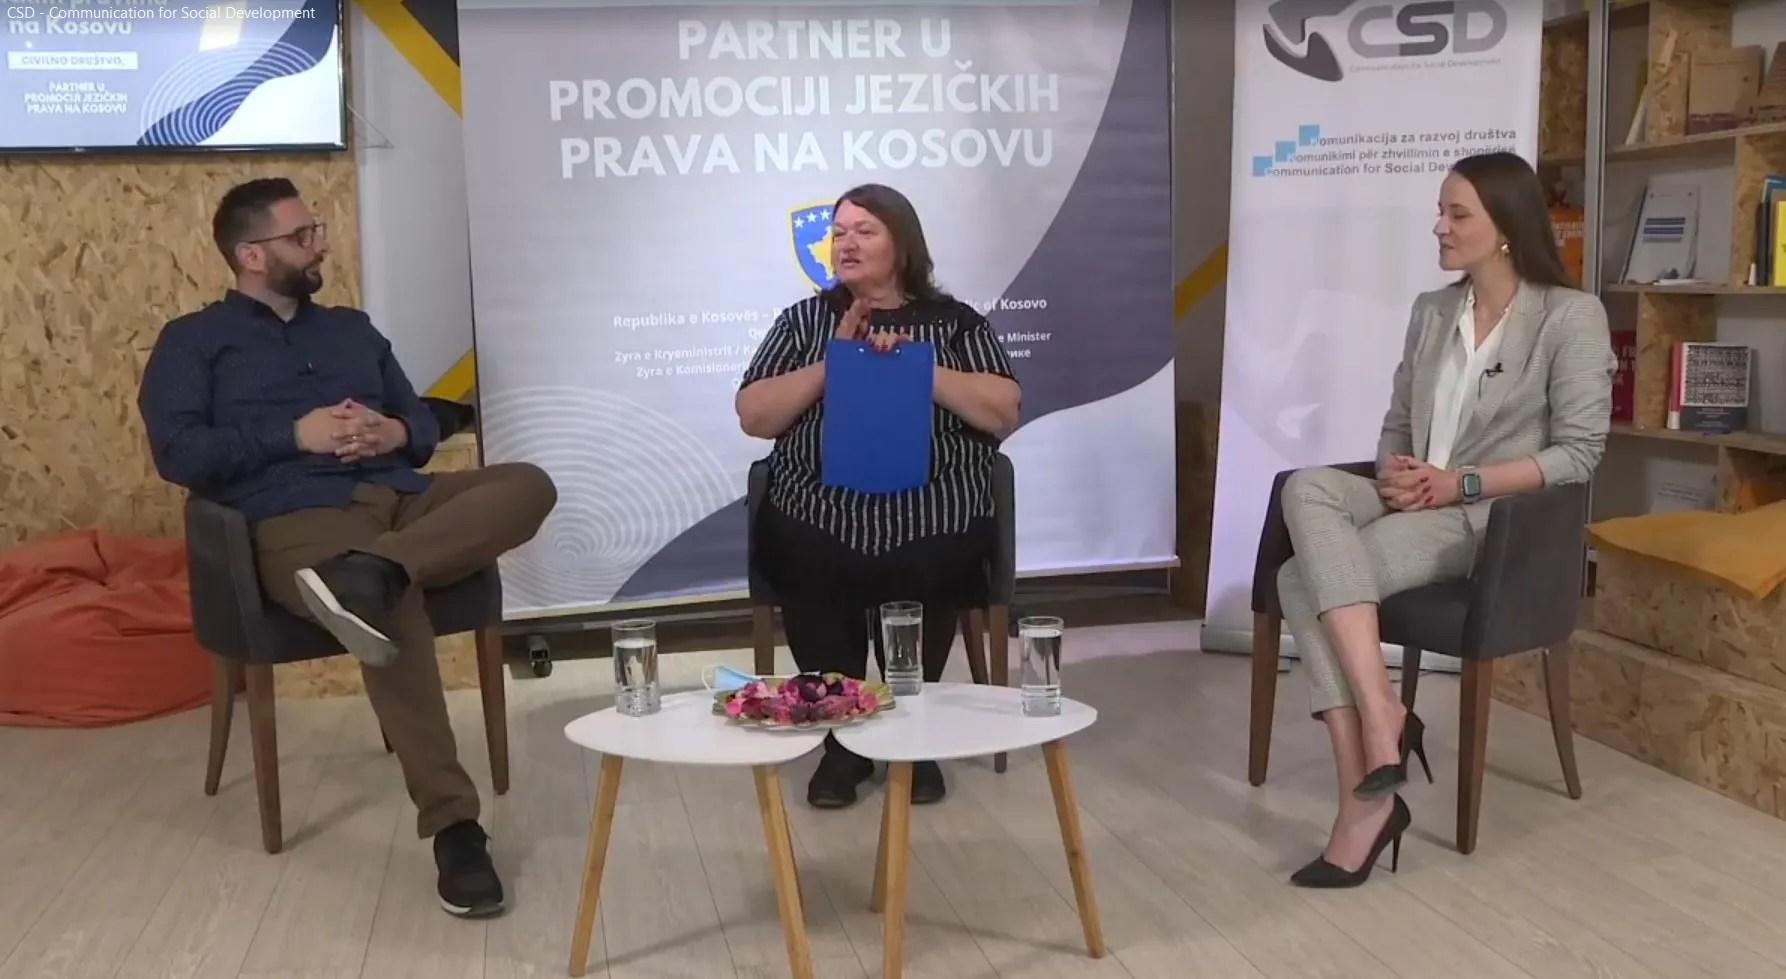 Непоштовање Закона о употреби језика – одсуство политичке воље или превелика толеранција српске заједнице?